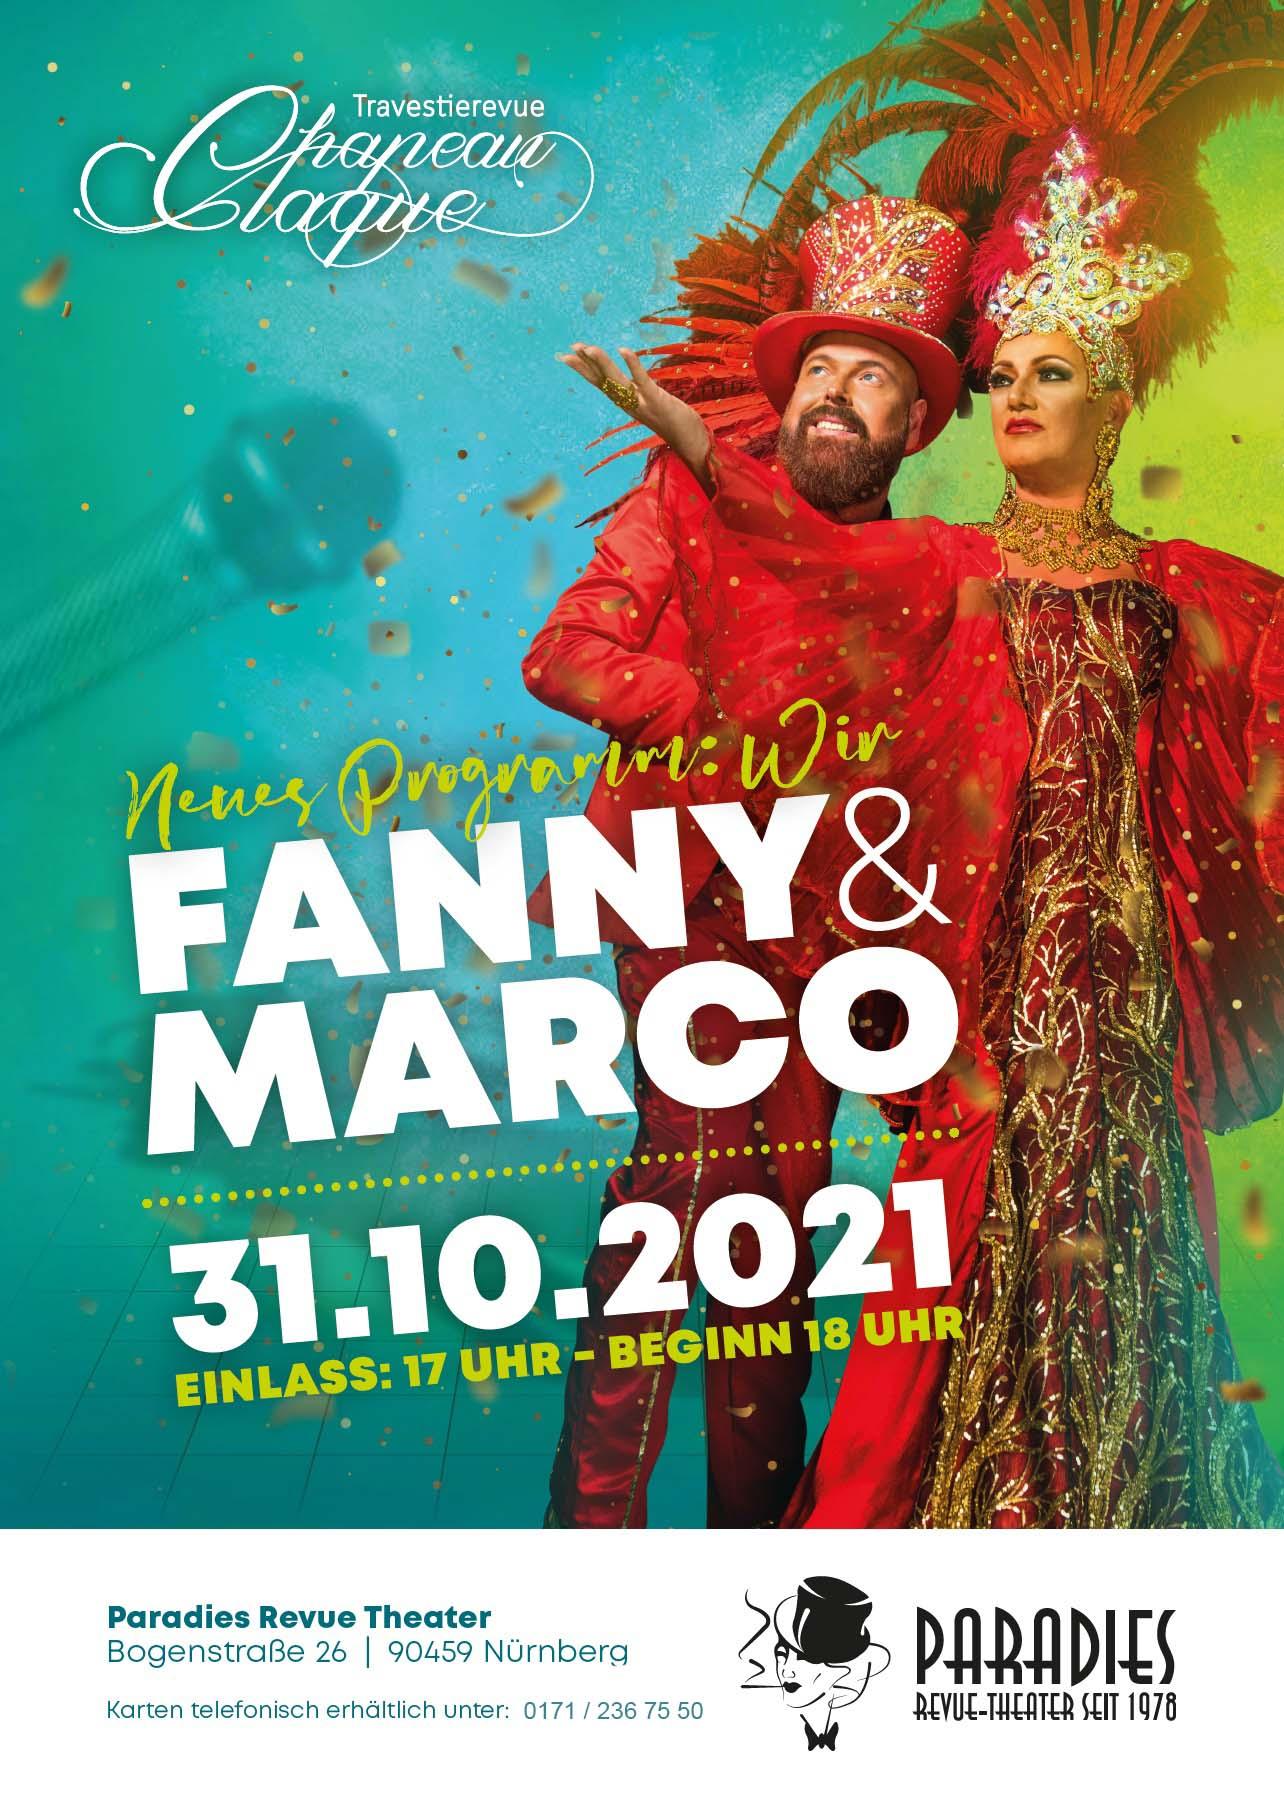 fanny & marco